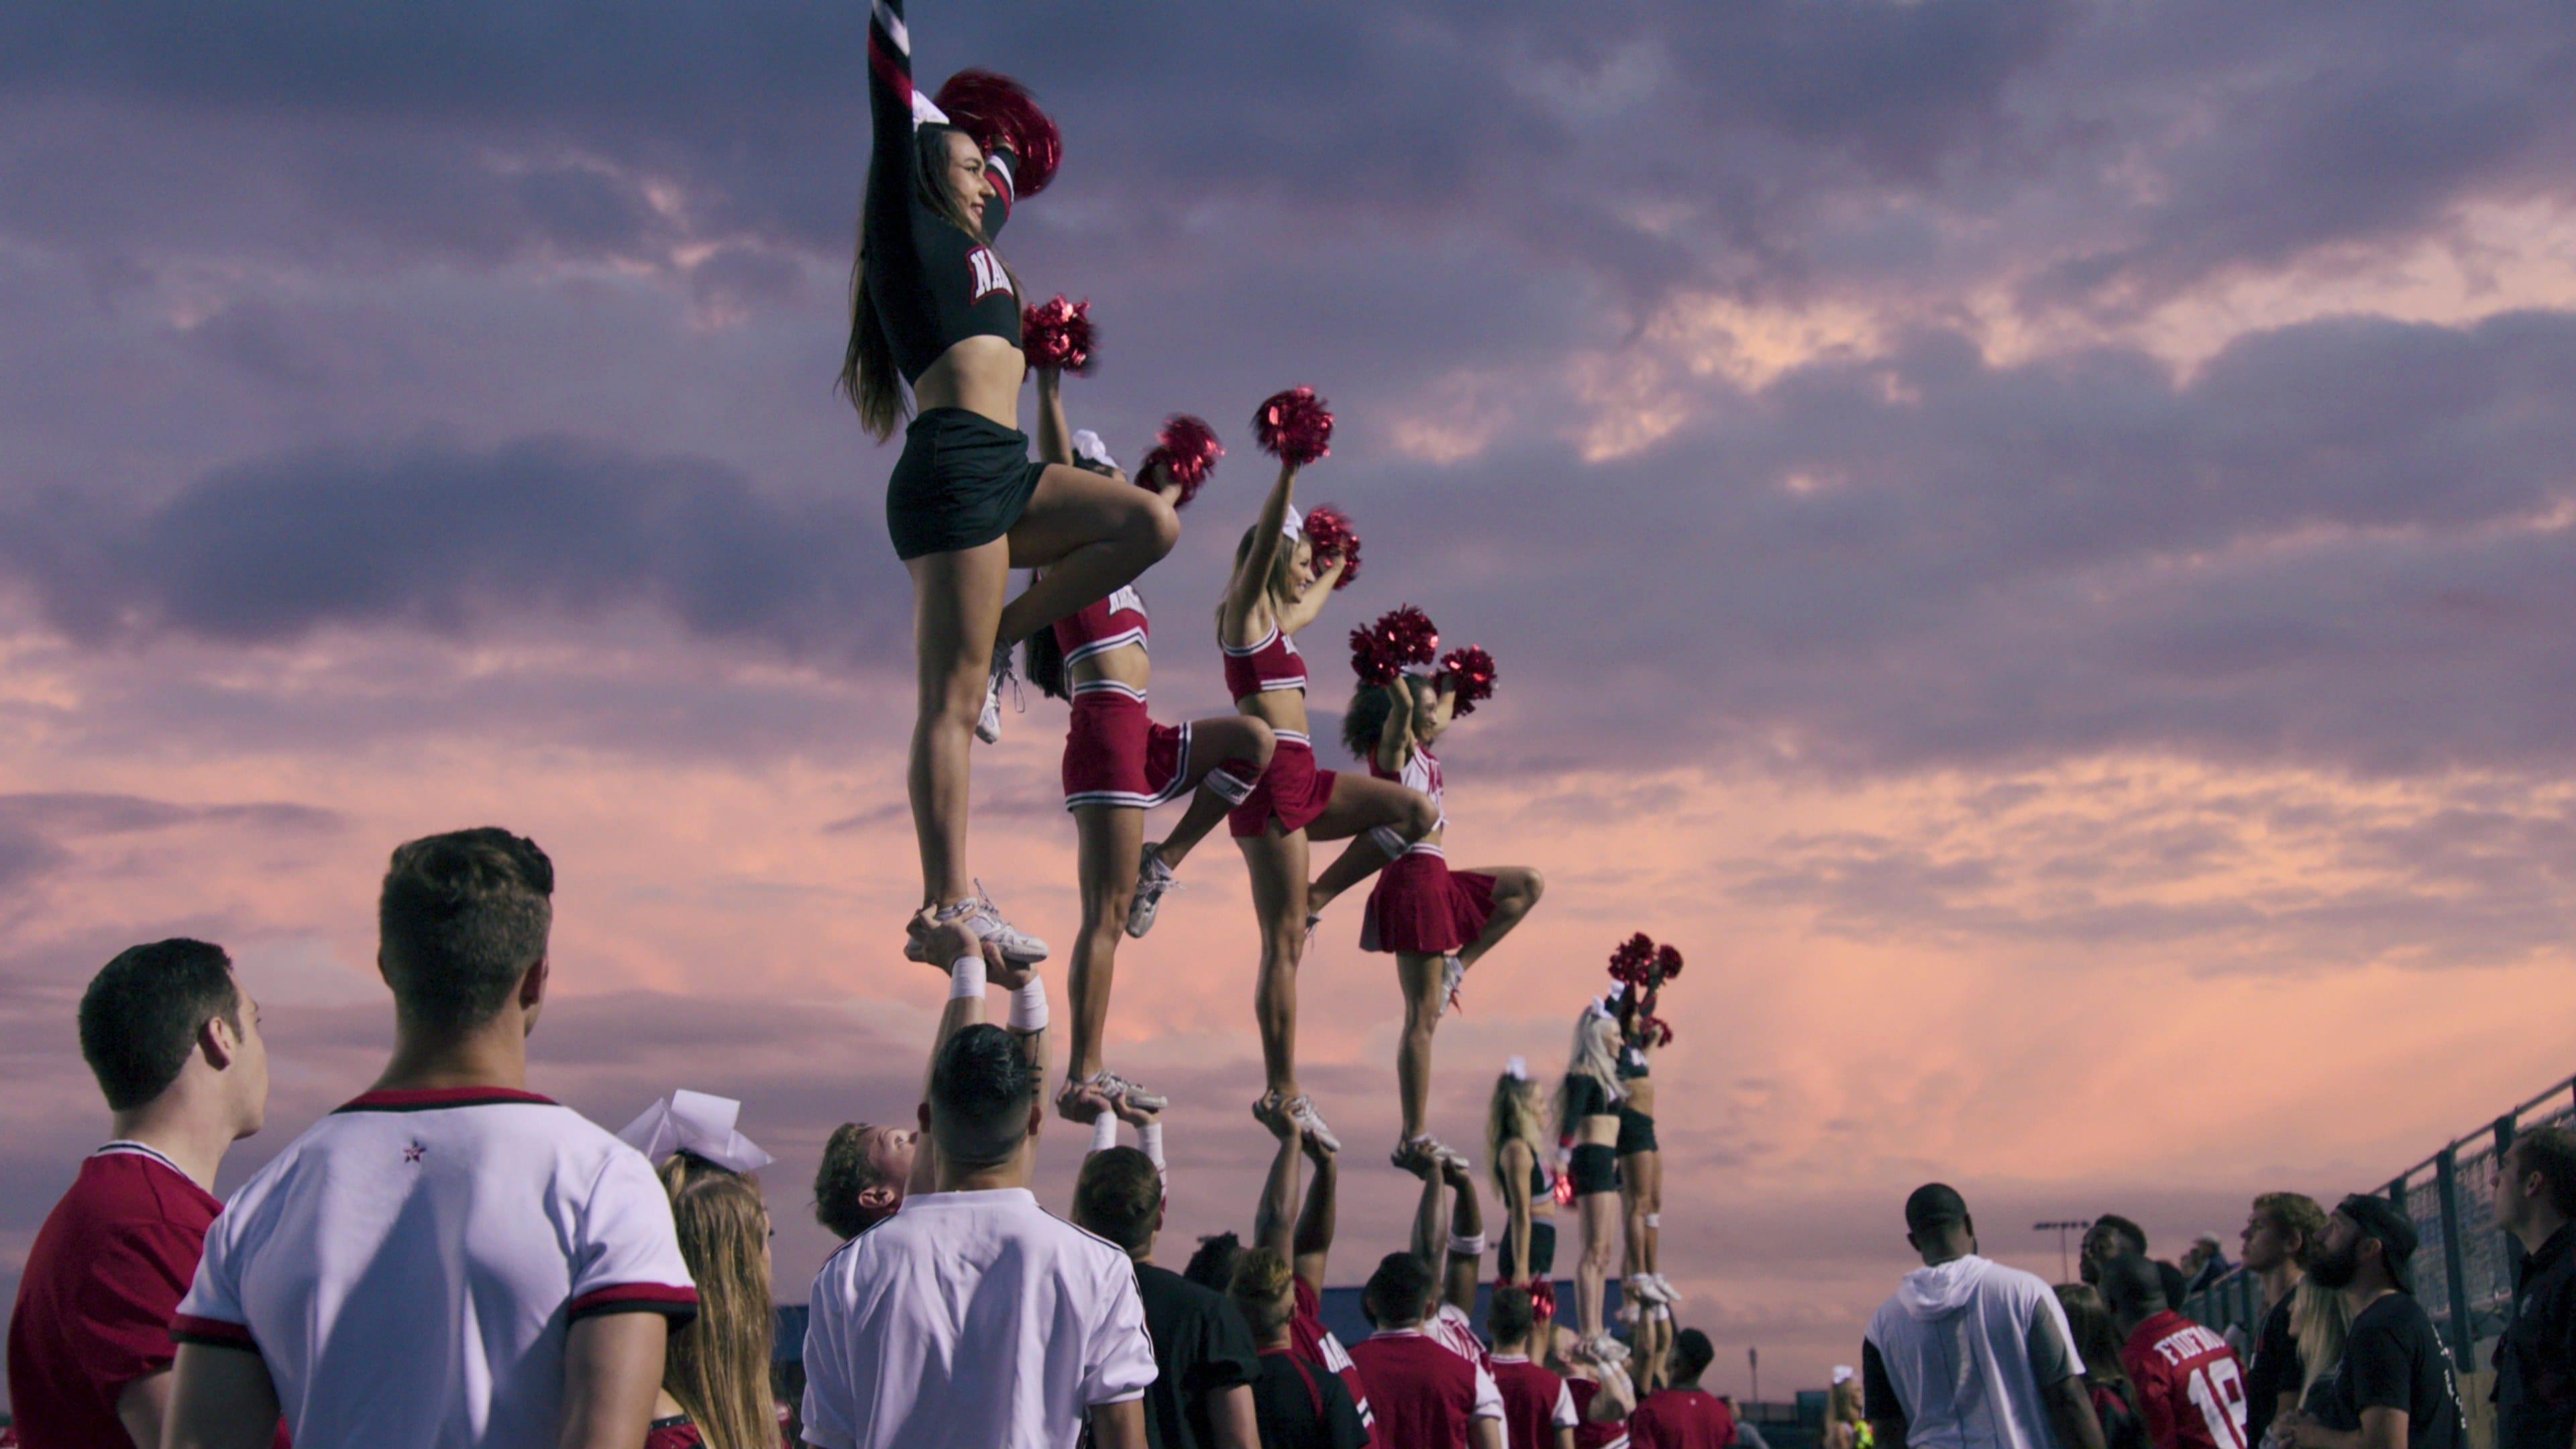 Cheerleaders en Acción